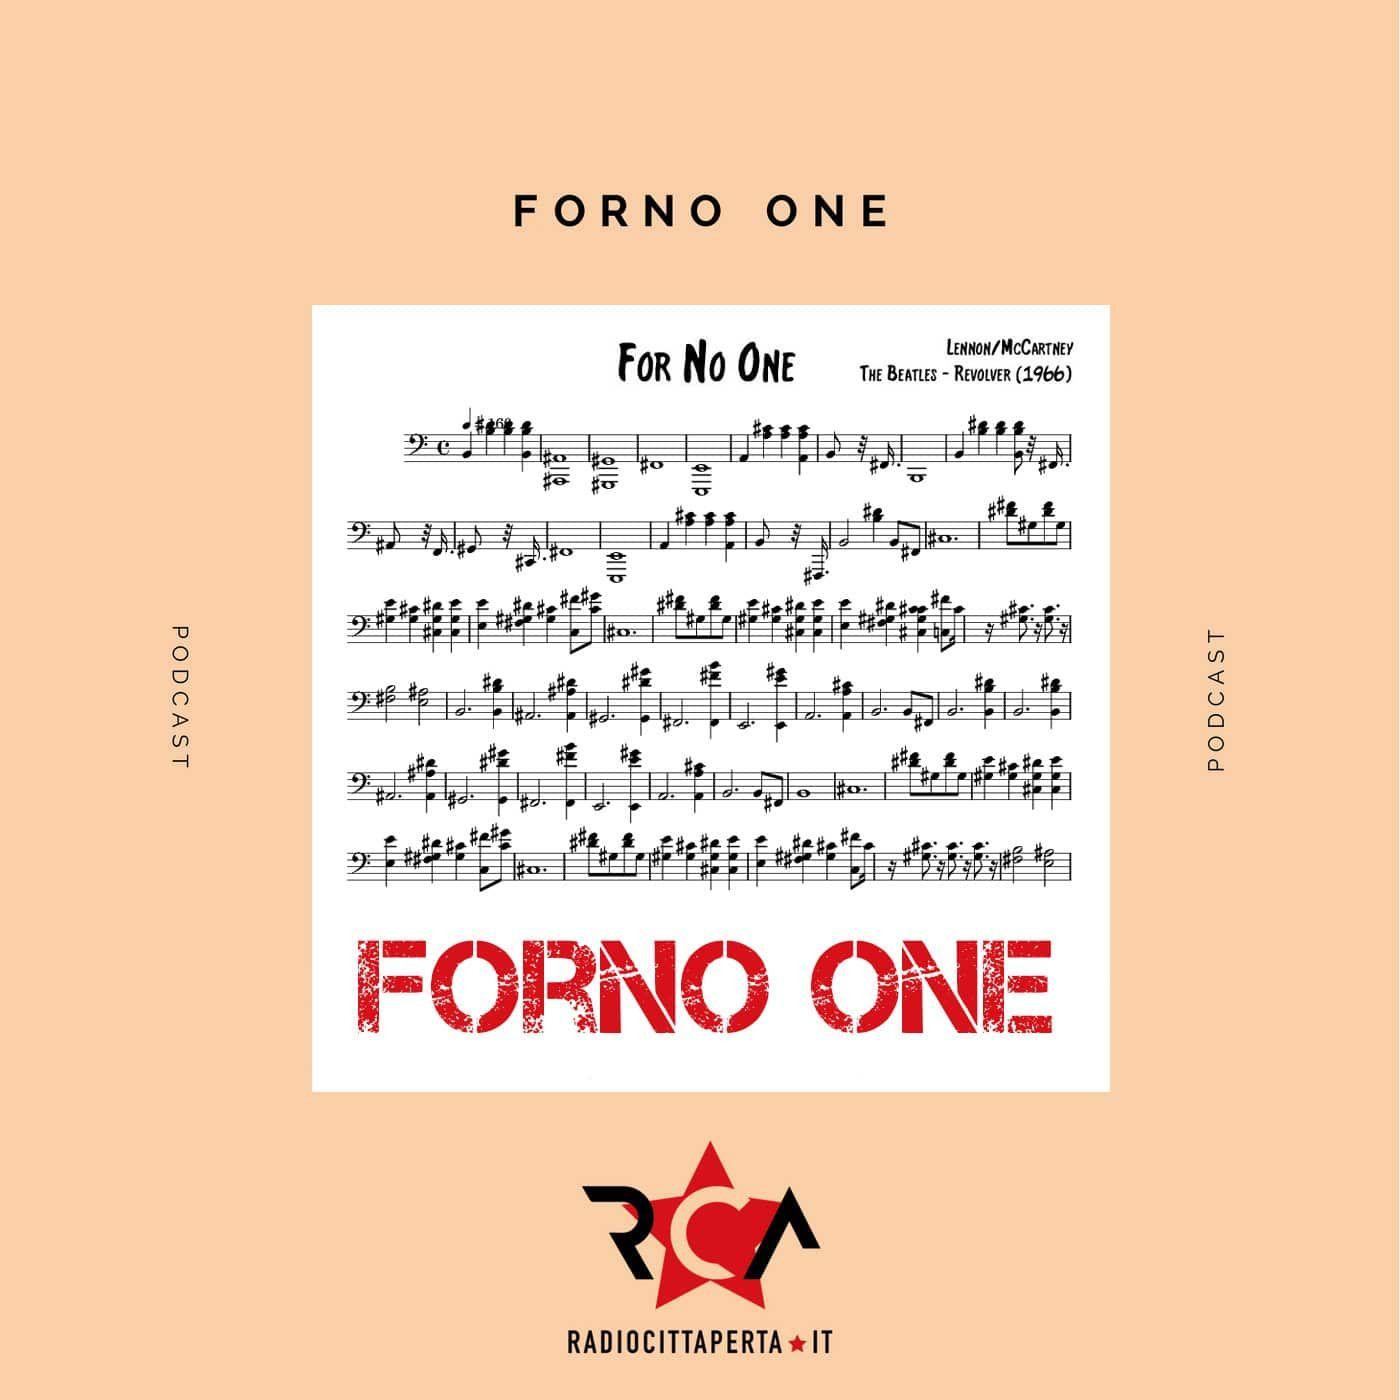 FORNO ONE con FABRIZIO MR FORNO ONE